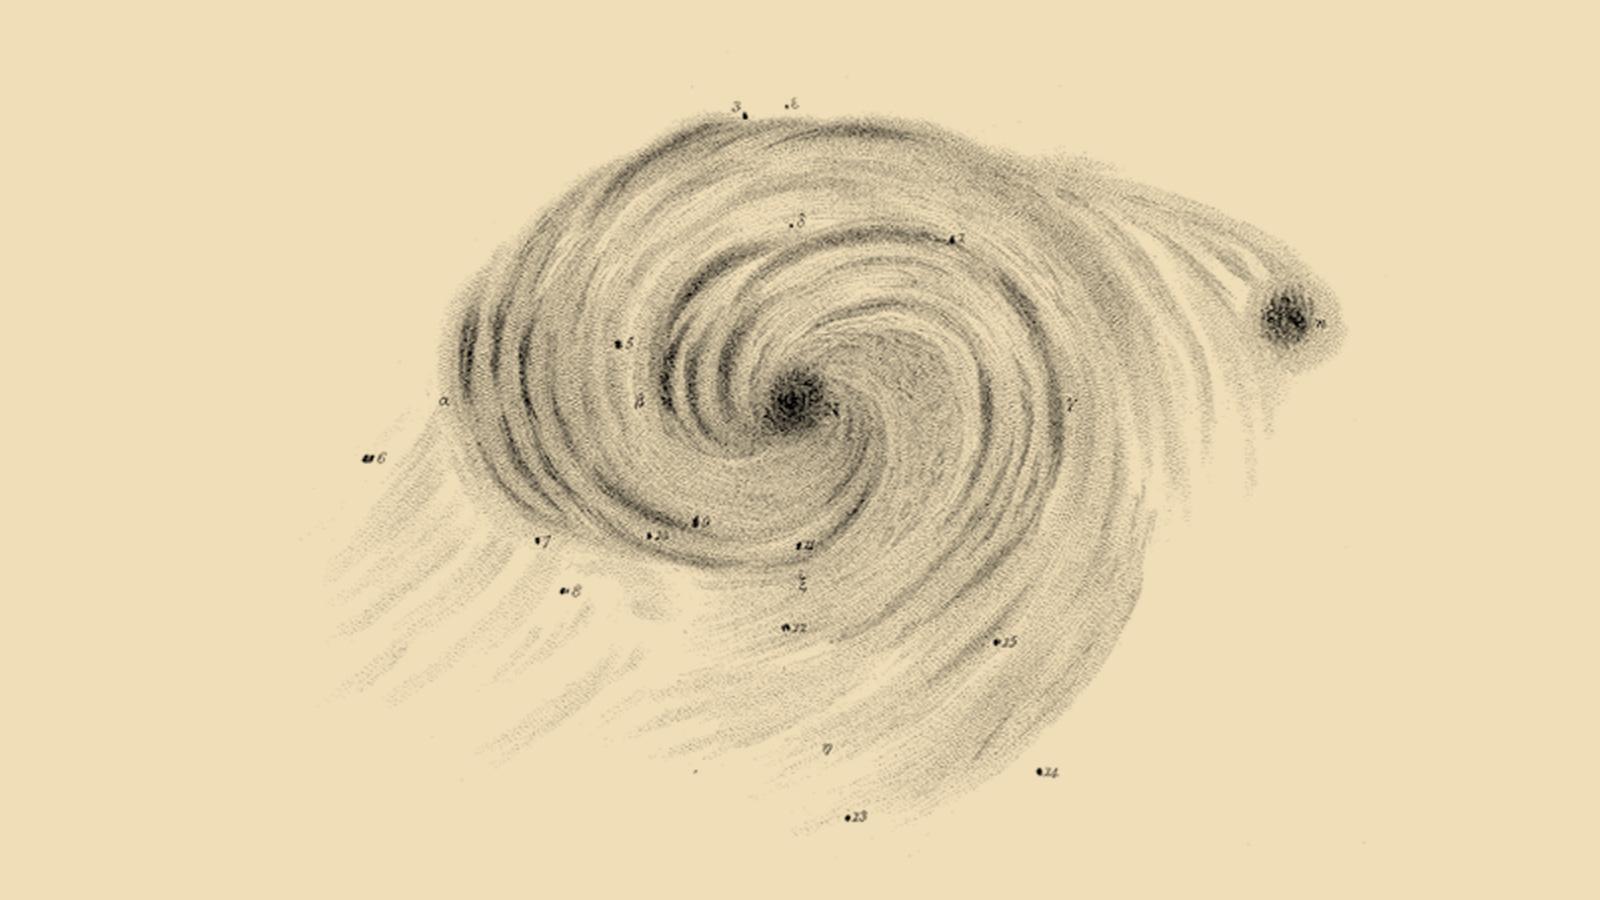 C3 -Descubriendo el Universo en el siglo XIX con dibujos astronómicos